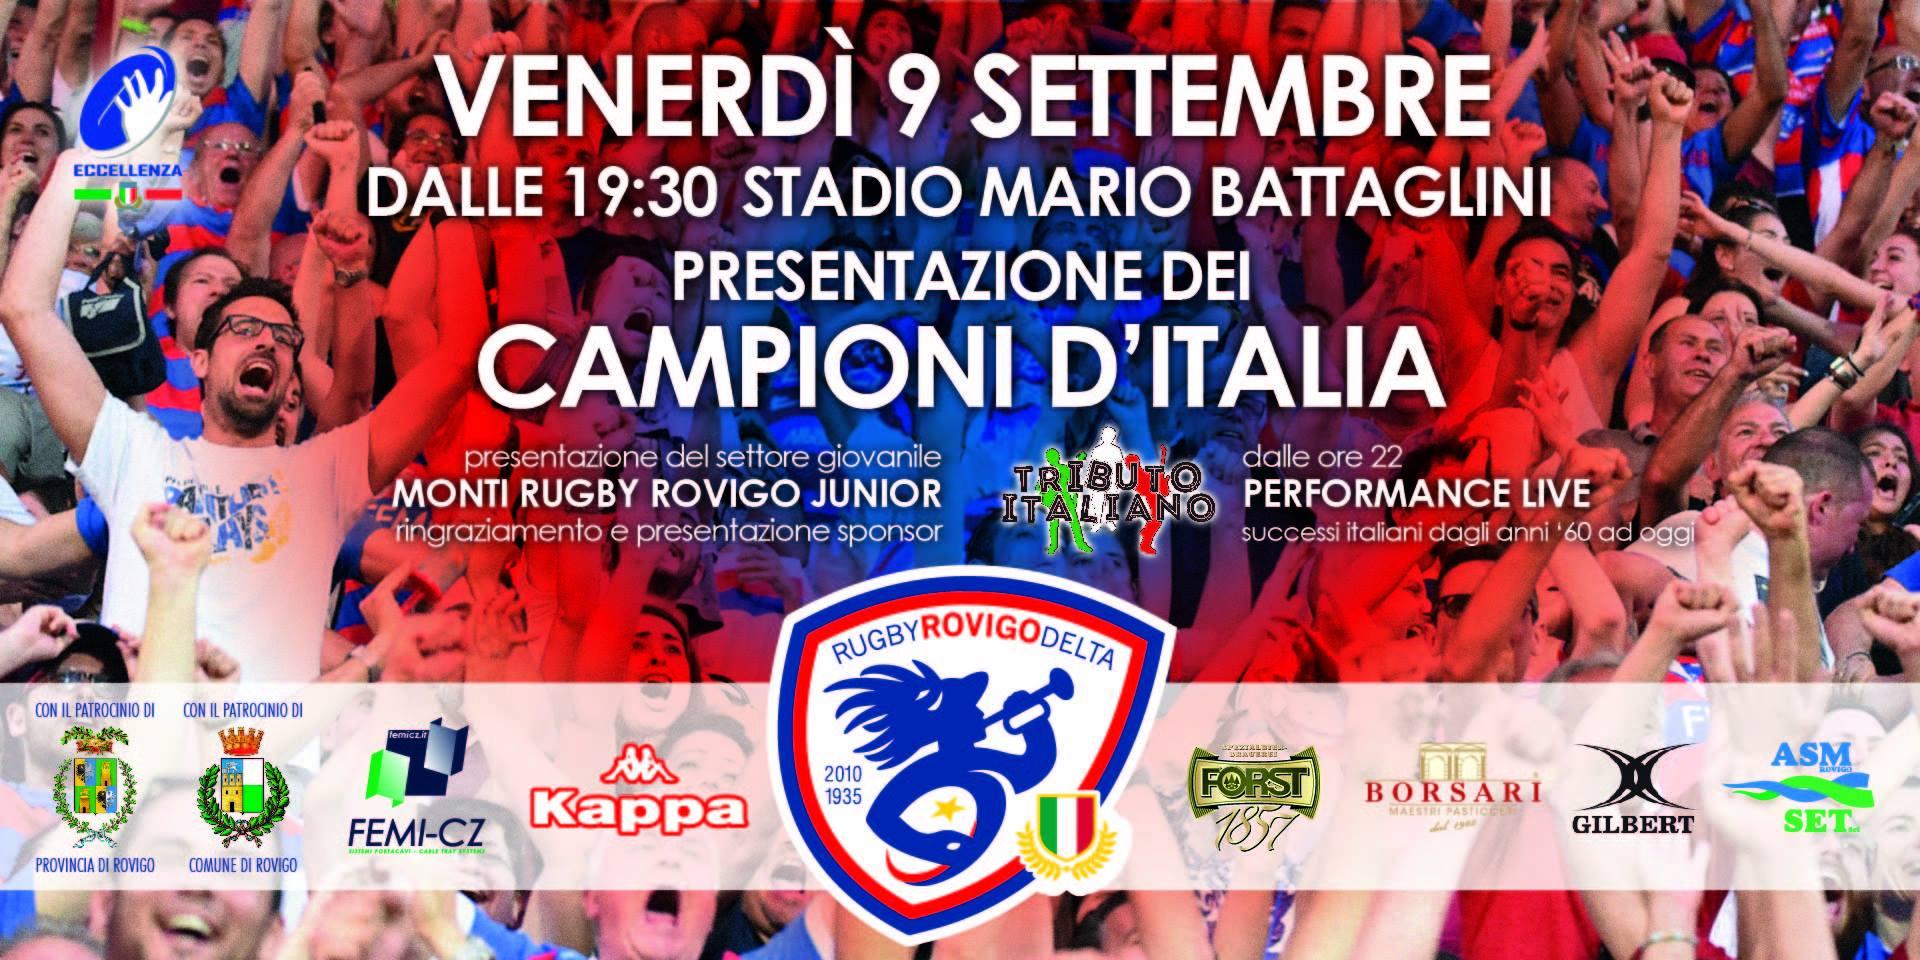 Presentazione Rugby Rovigo Delta 2016/2017